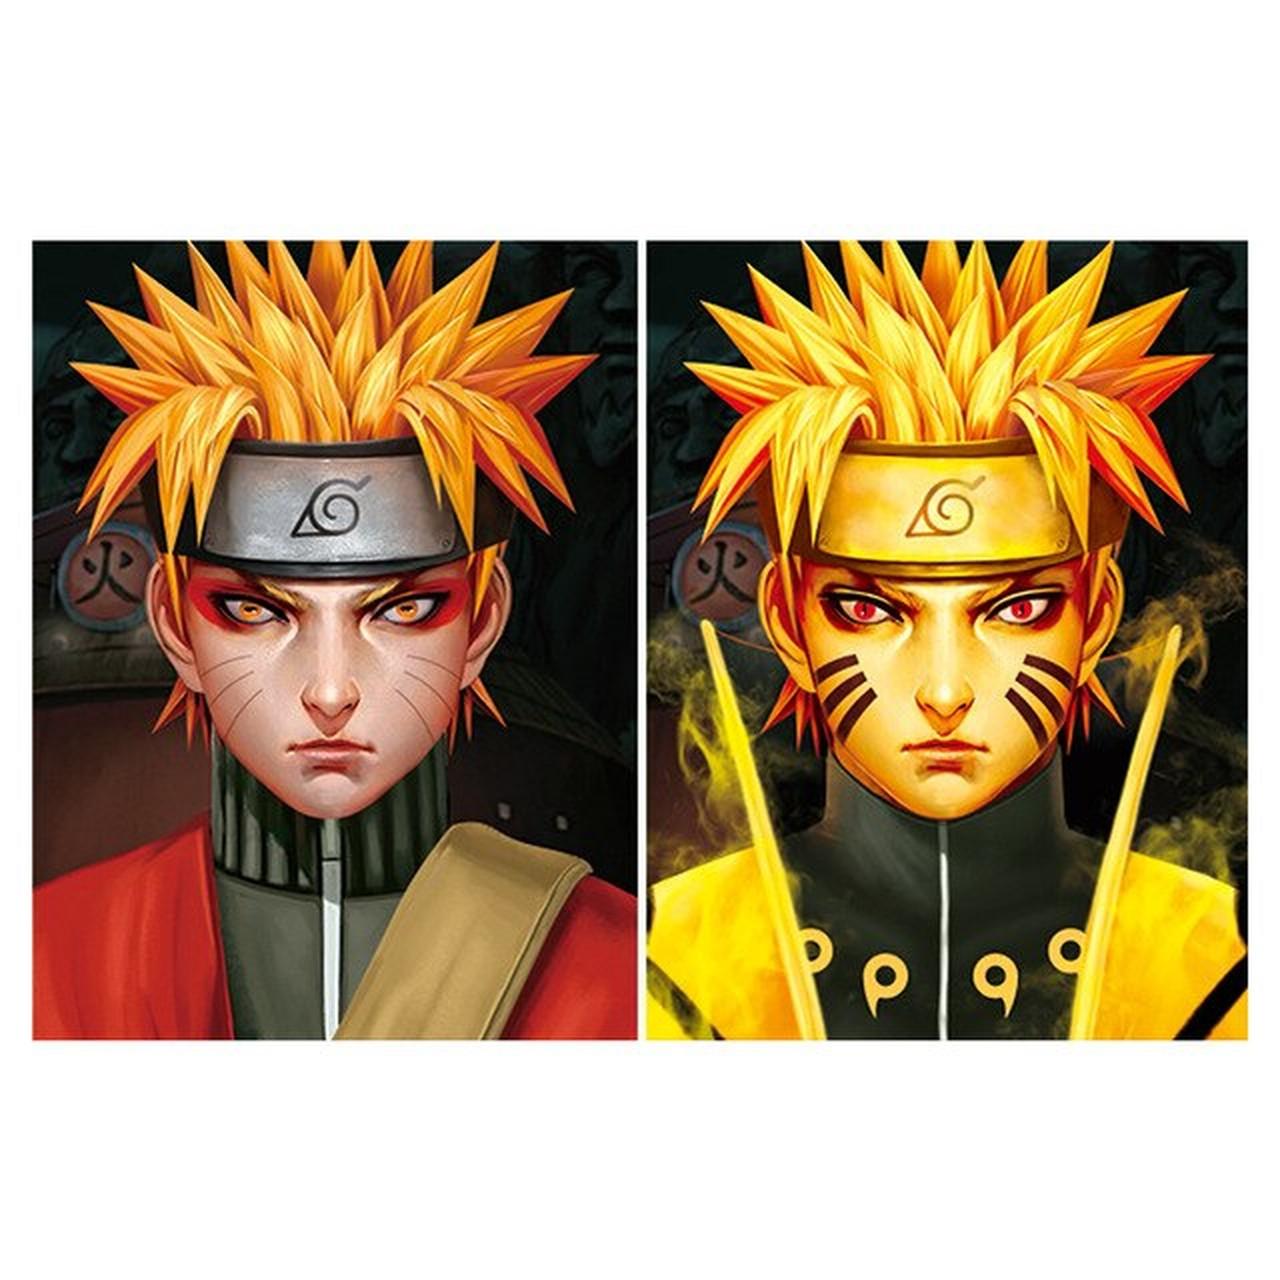 Quadro Com Moldura  3D Lenticular: Naruto Modo Sennin & Naruto Modo Sennin Kurama: Naruto Shippuden (40x30)